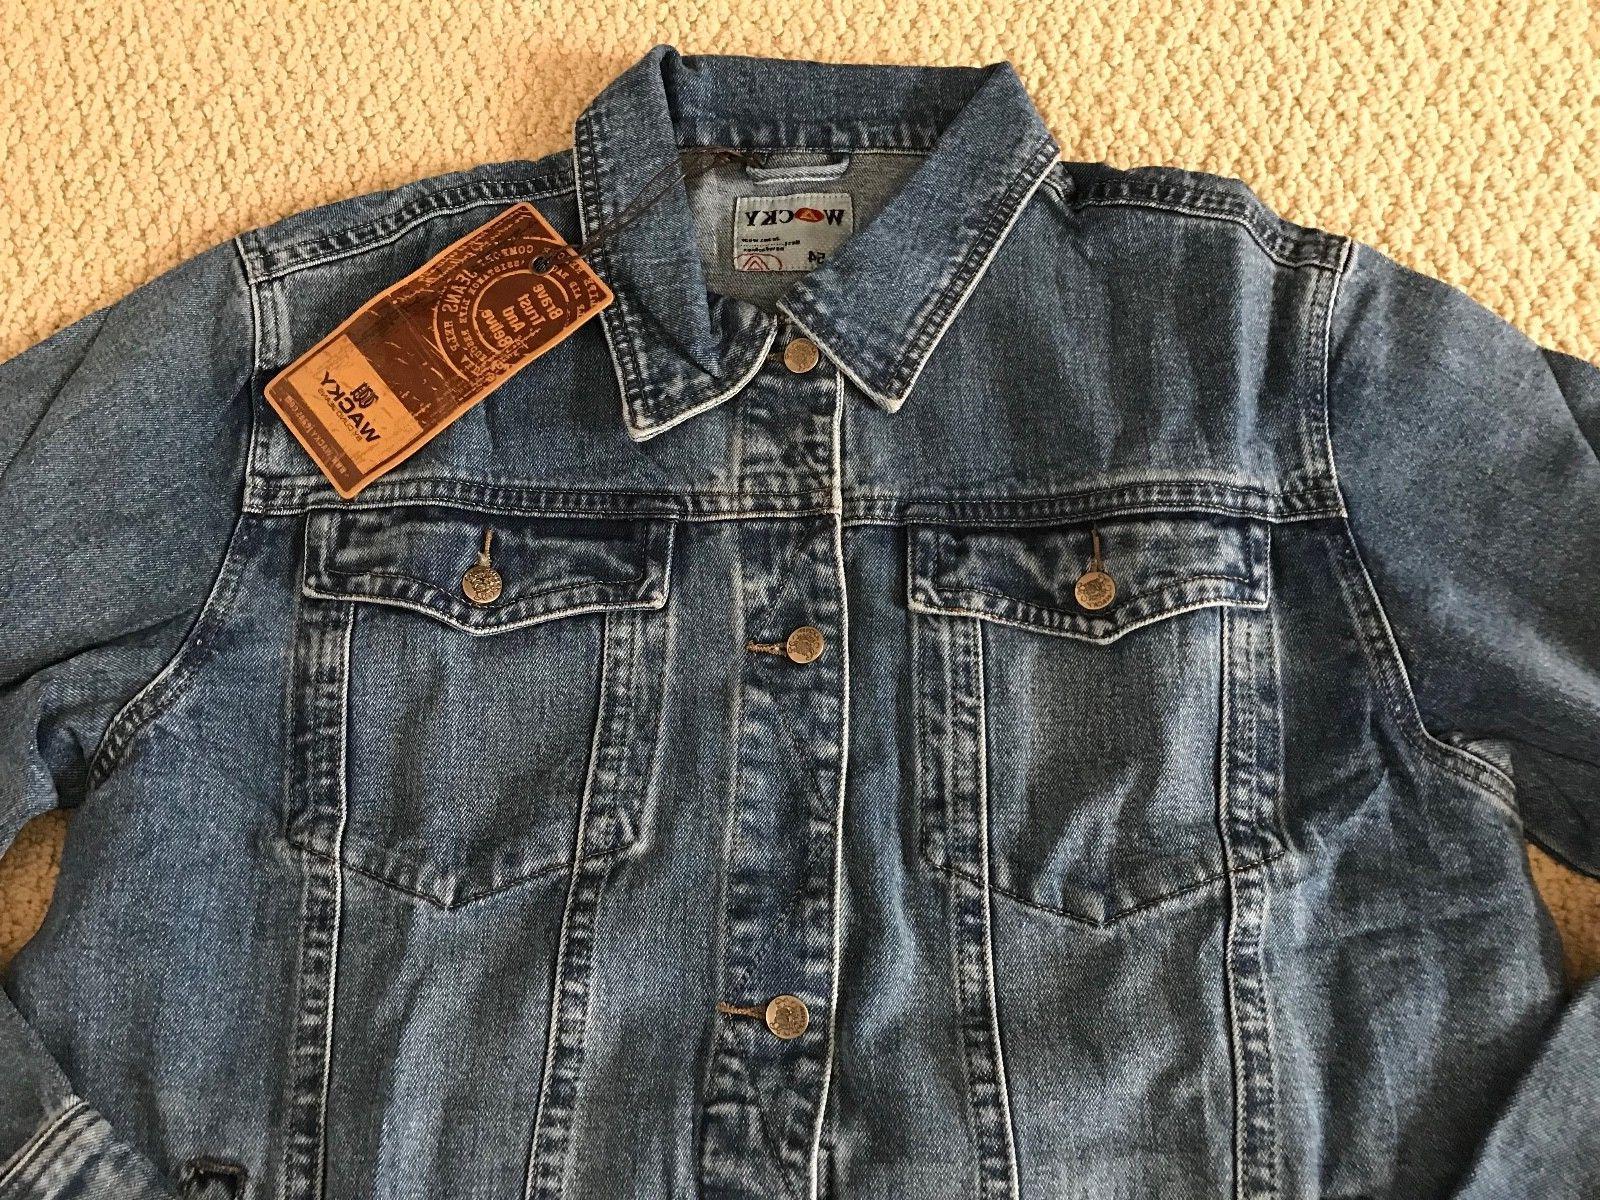 NWT Wear Medium Blue Classic Denim Jacket BIG